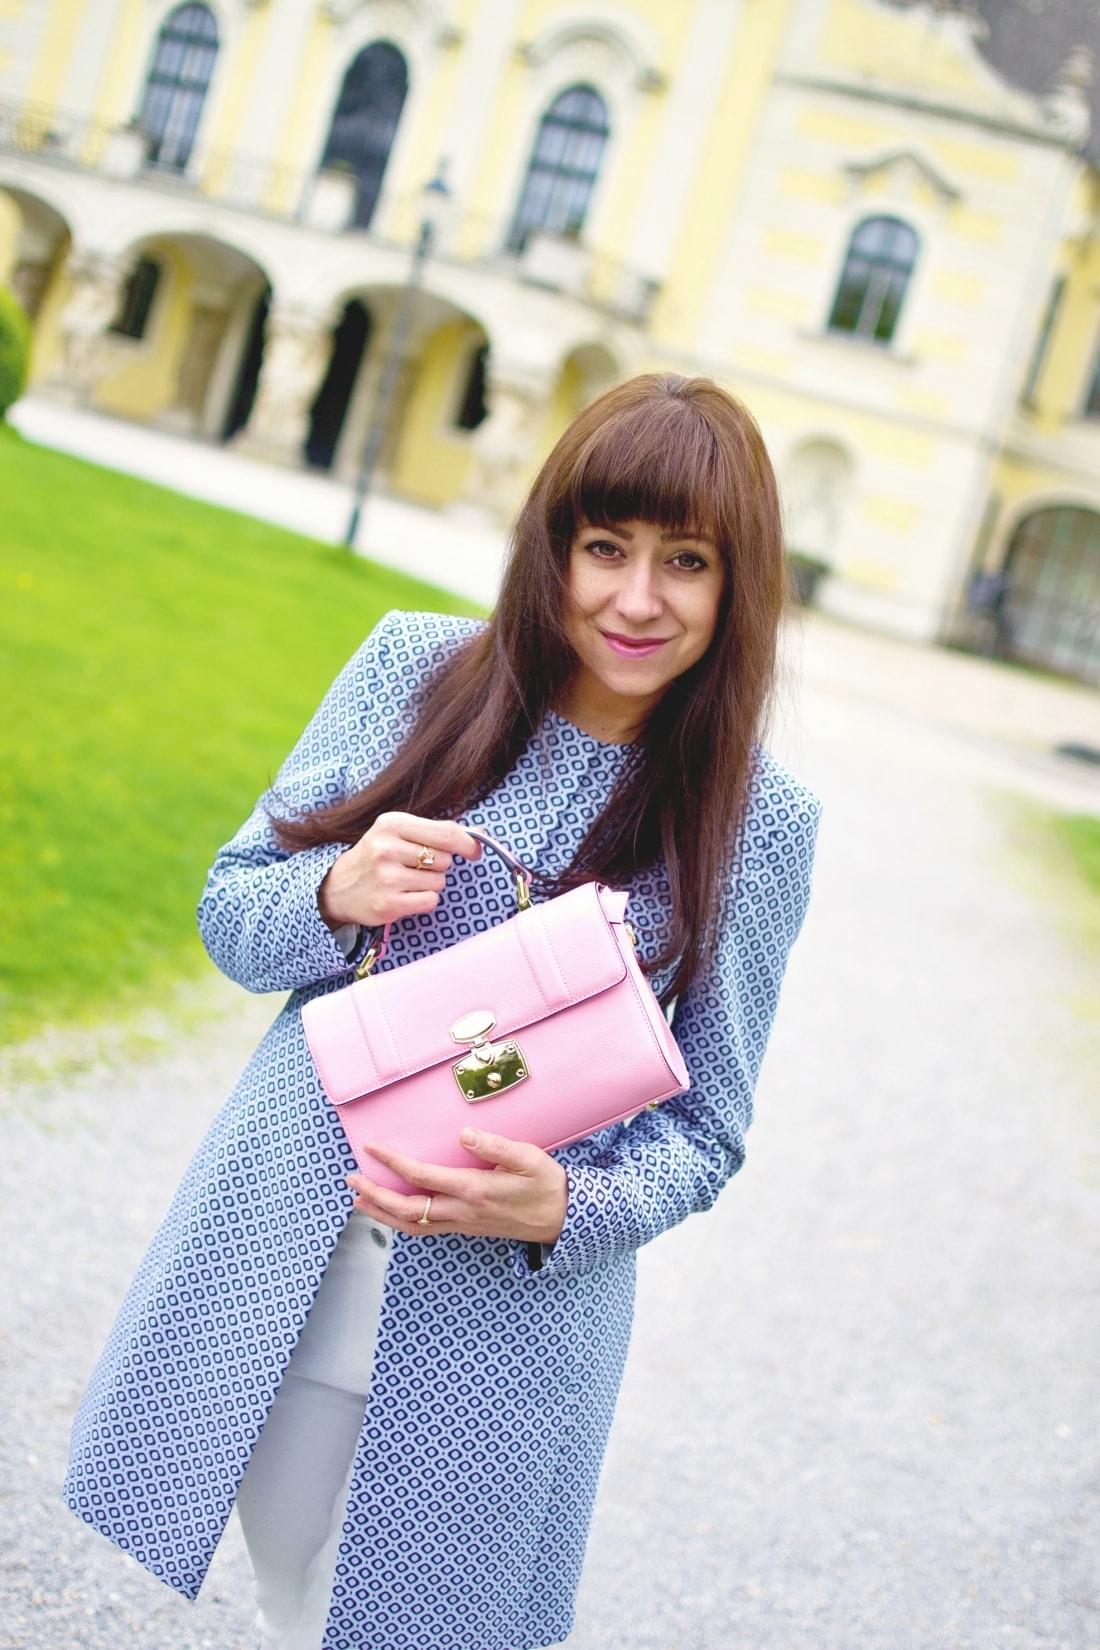 katharine-fashion-is-beautiful-blog-bledomodry-kabat-3-blogger